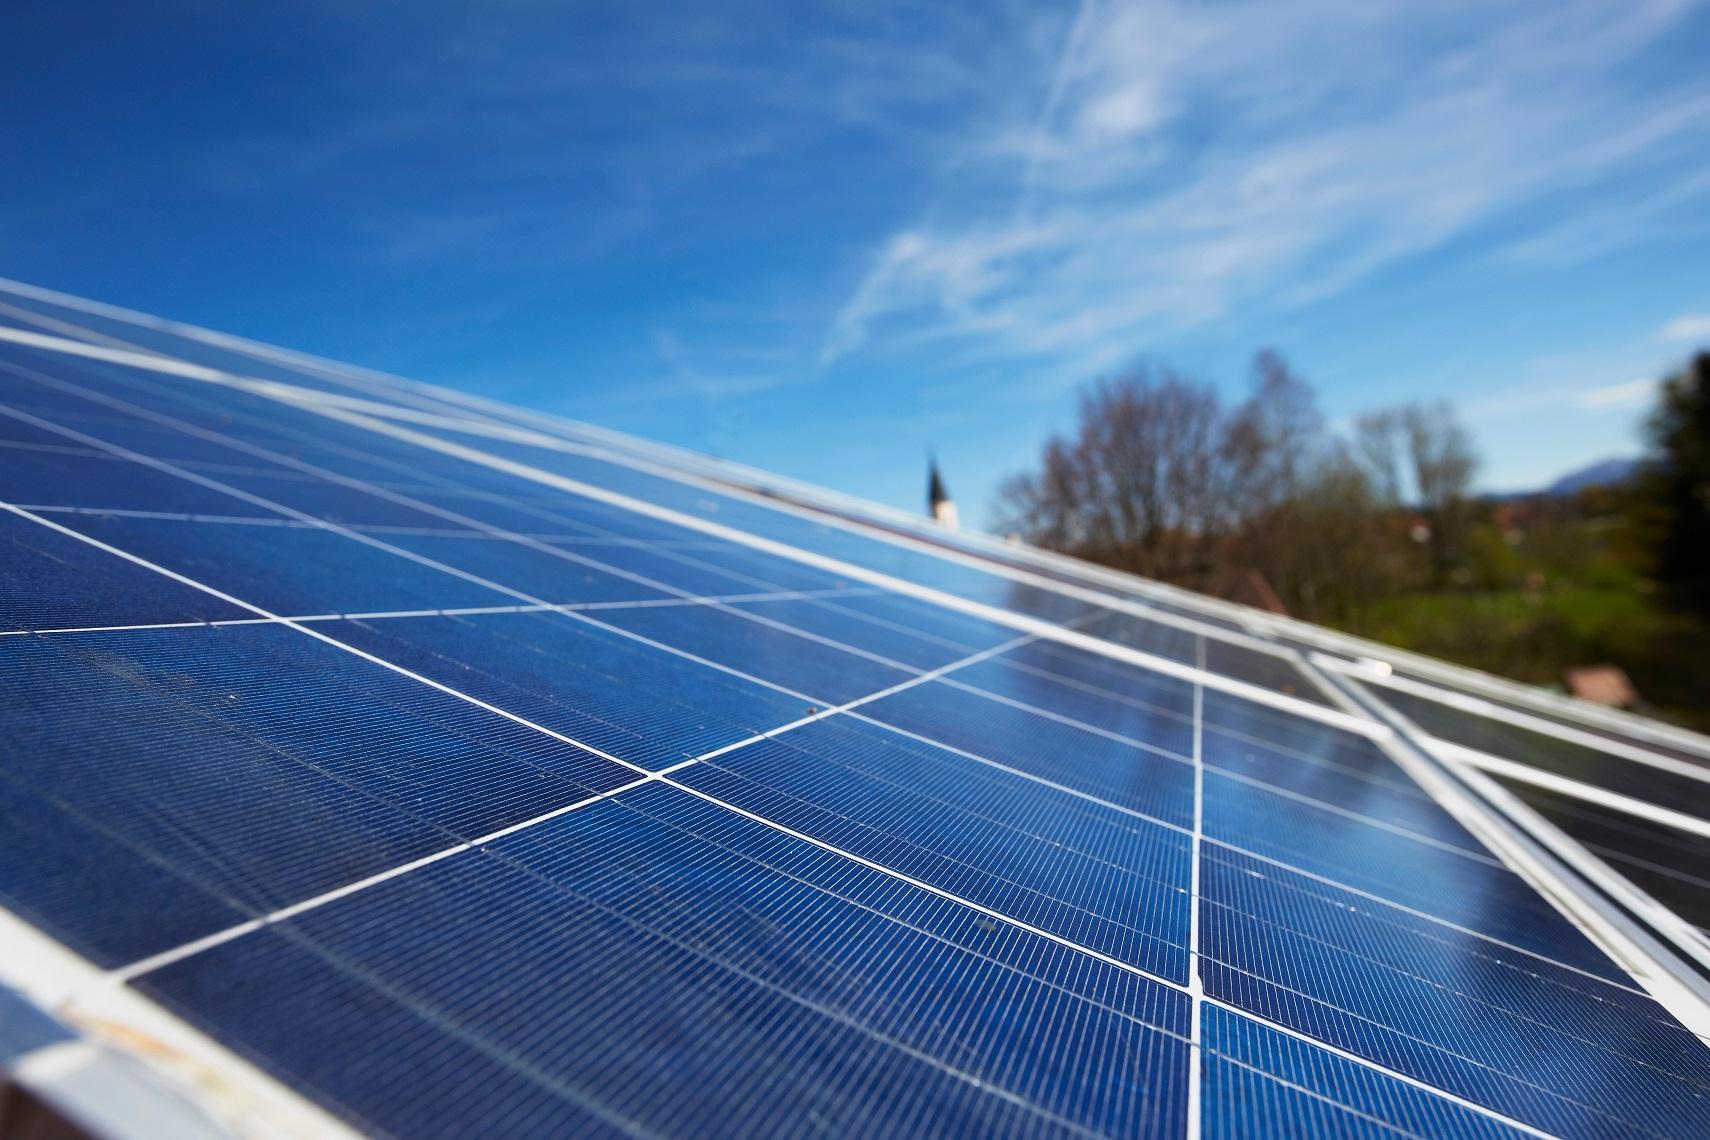 Até 2050 fontes renováveis deveriam responder por 80% da produção de energia. Foto Stephen Lux/Image Source